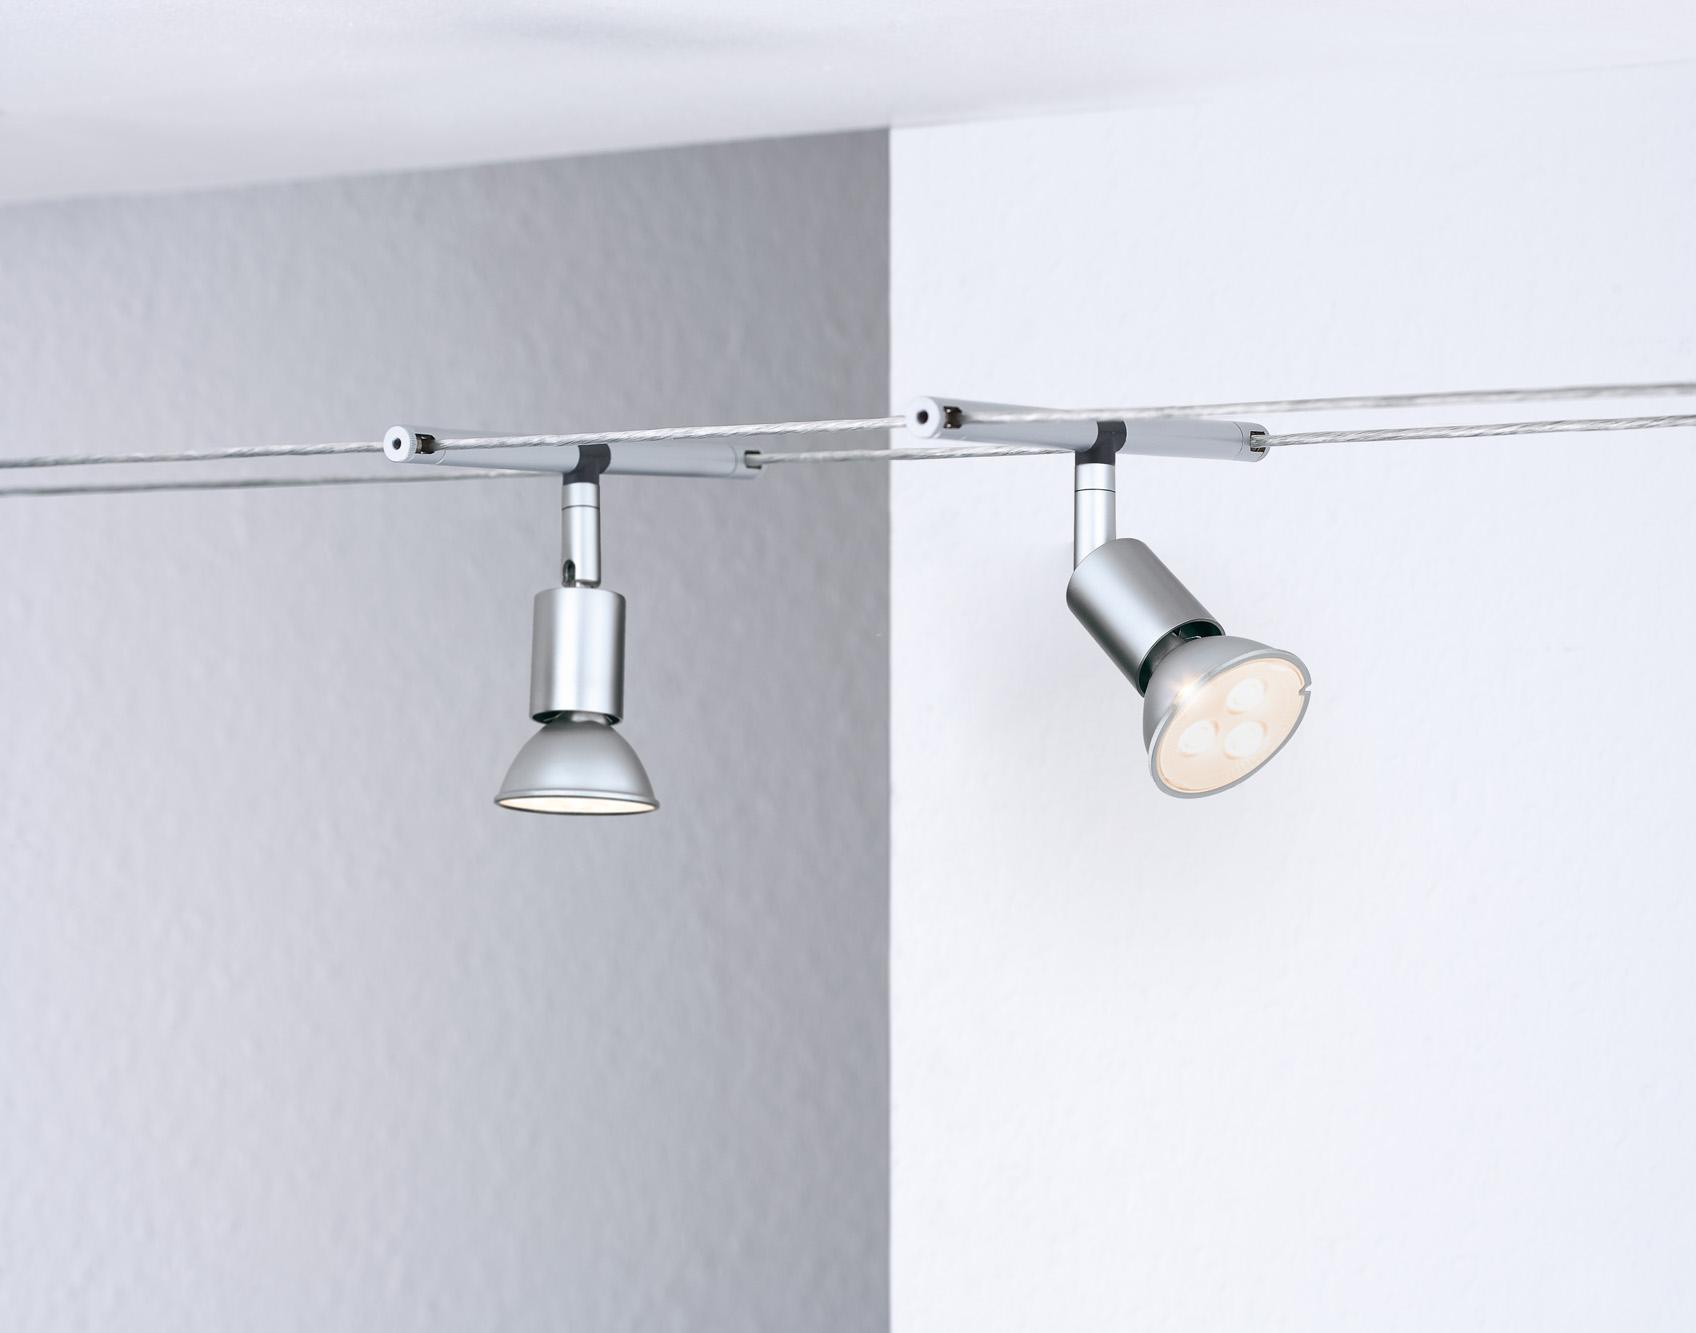 led seilsystem spice saltled 5x4w chrom matt 94124. Black Bedroom Furniture Sets. Home Design Ideas